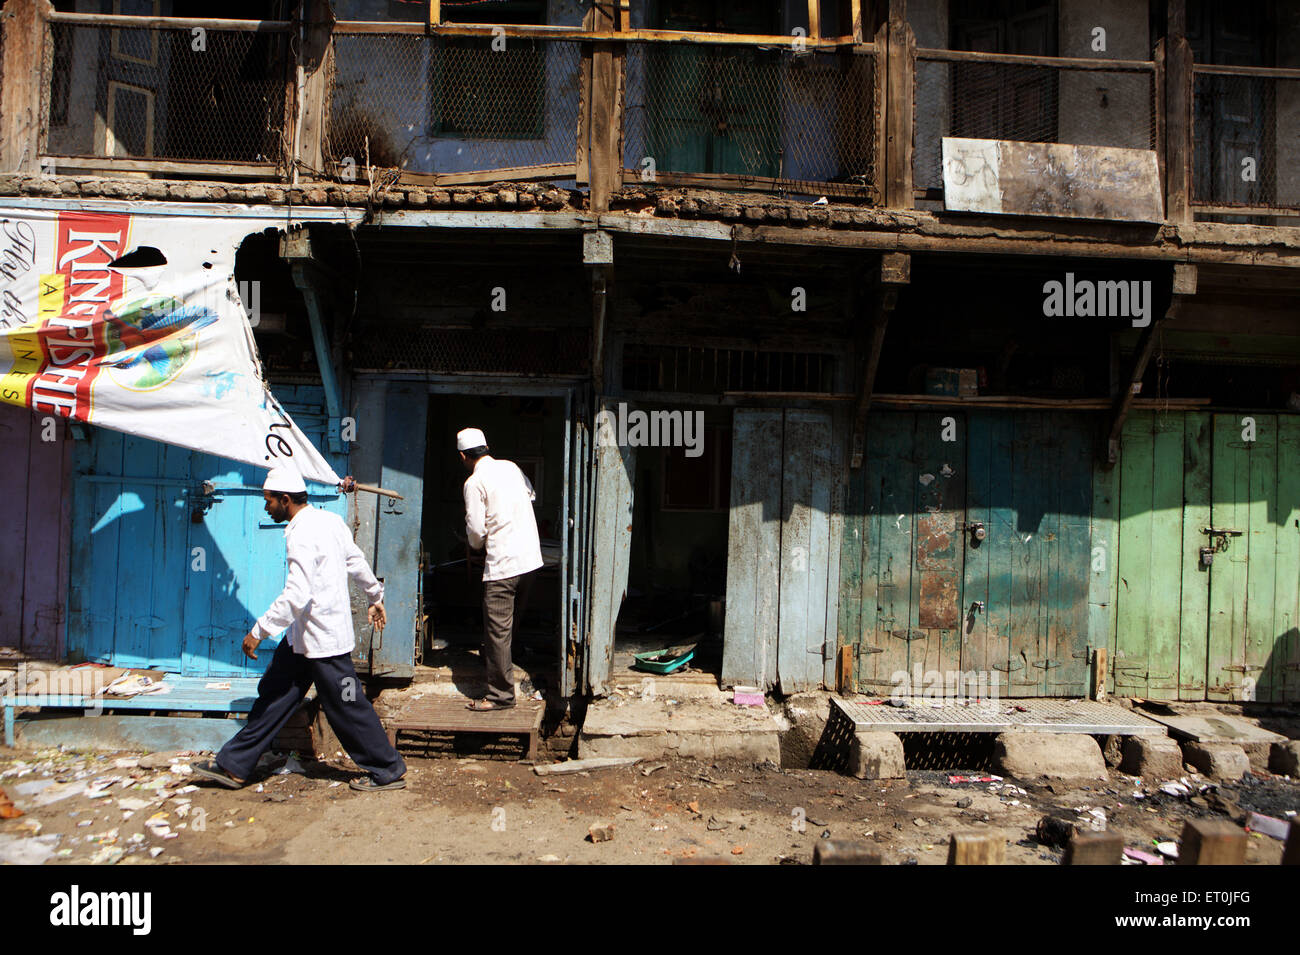 Überwachung von Schäden an ihrem Eigentum nach Bombenanschlag am 29. September 2008 in Textile Stadt Malegaon Stockbild